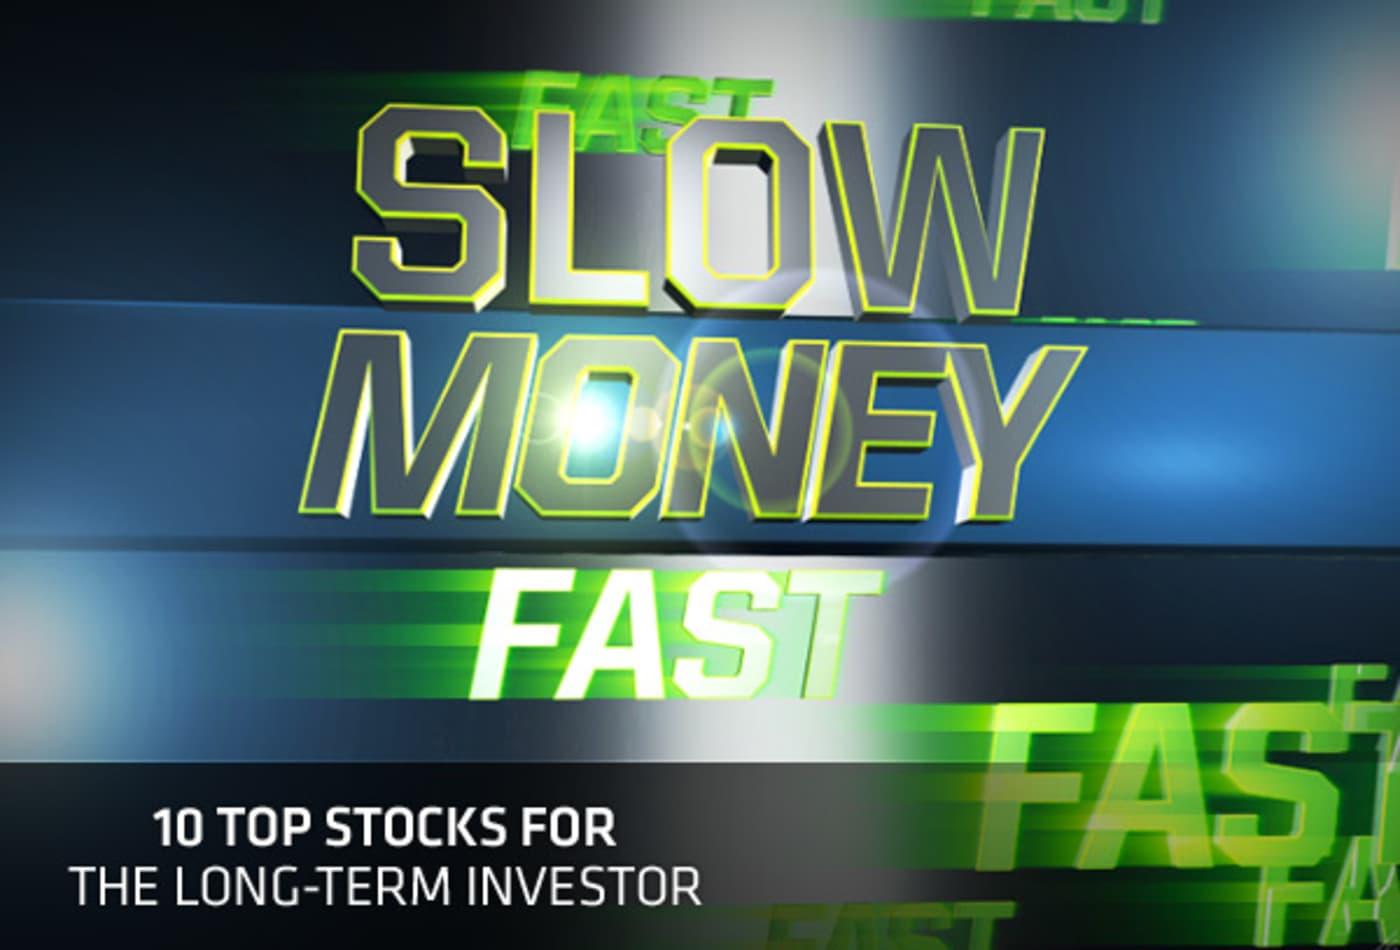 fm-slow-money-cover3.jpg